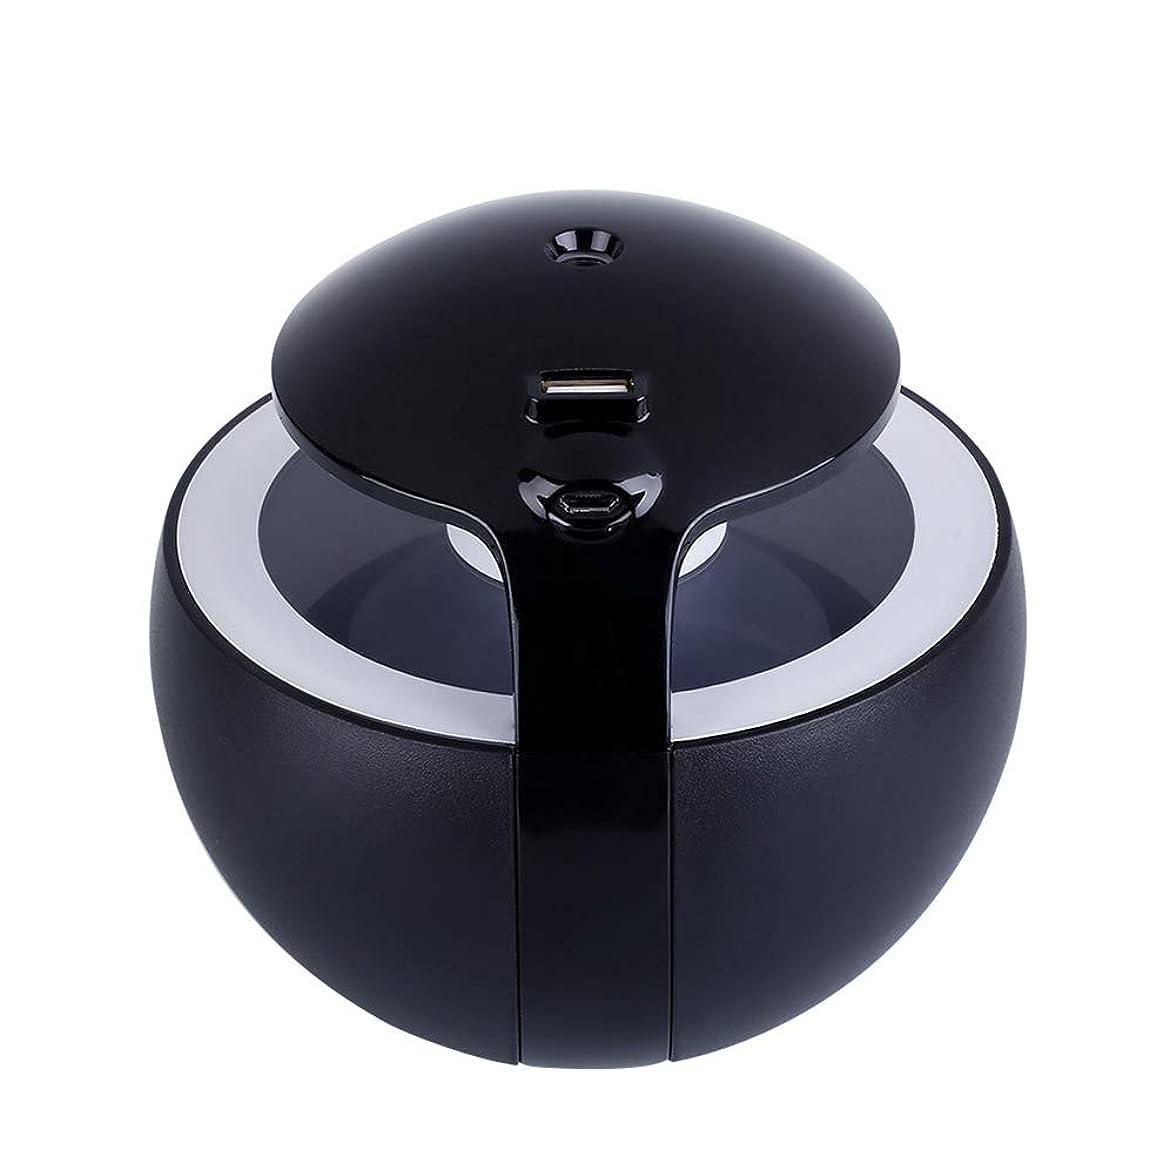 スモッグあらゆる種類のメナジェリーナイトエルフ加湿器多機能USB小型ライト小型ファンホームデスクトップエアコンルーム加湿,Black